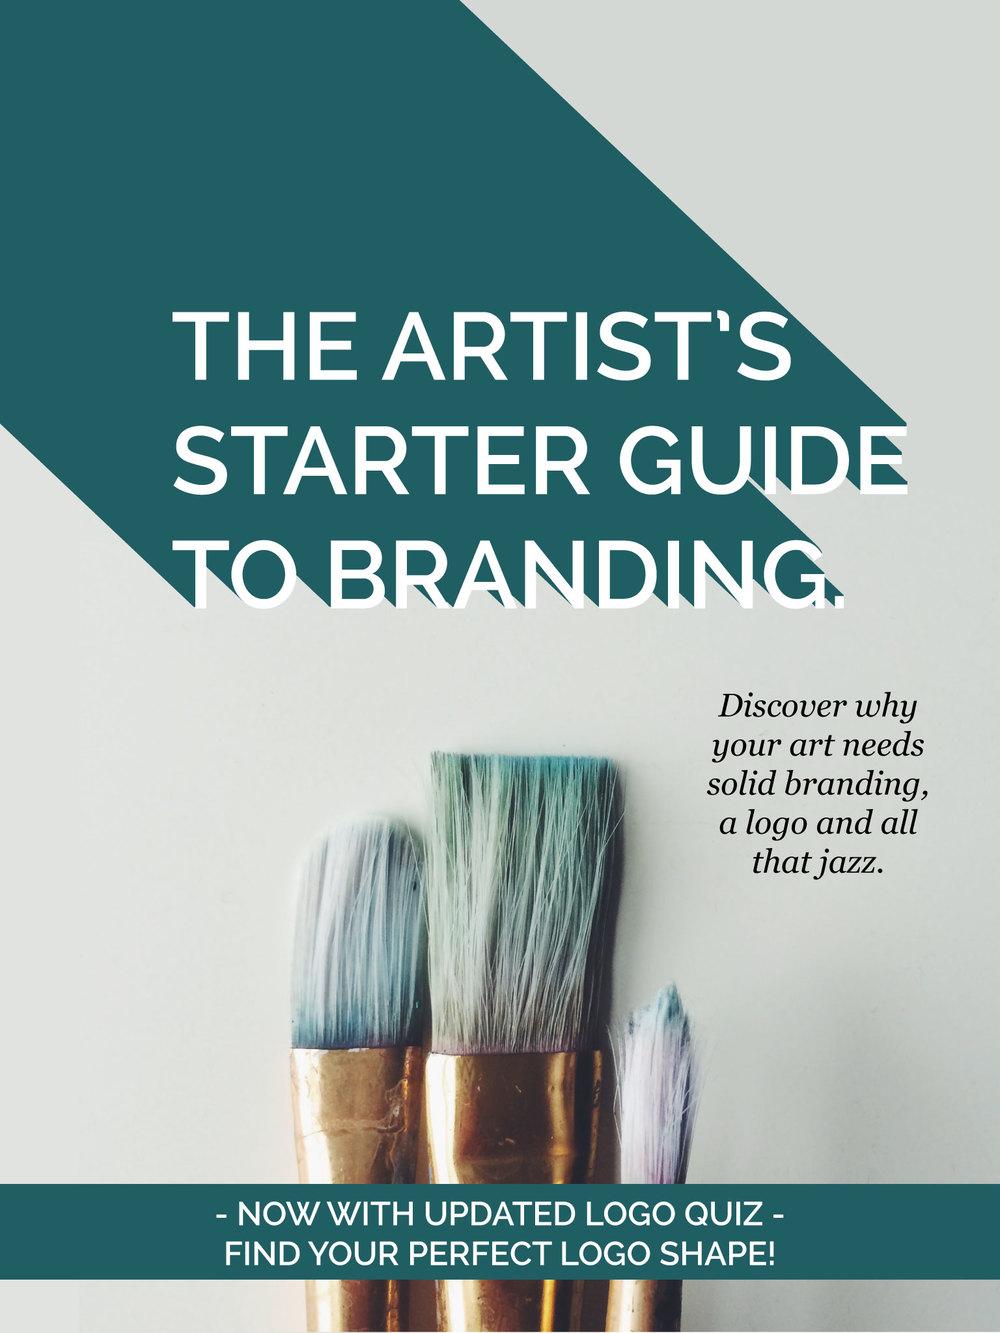 Artist's-Starter-Guide-to-Branding.jpg